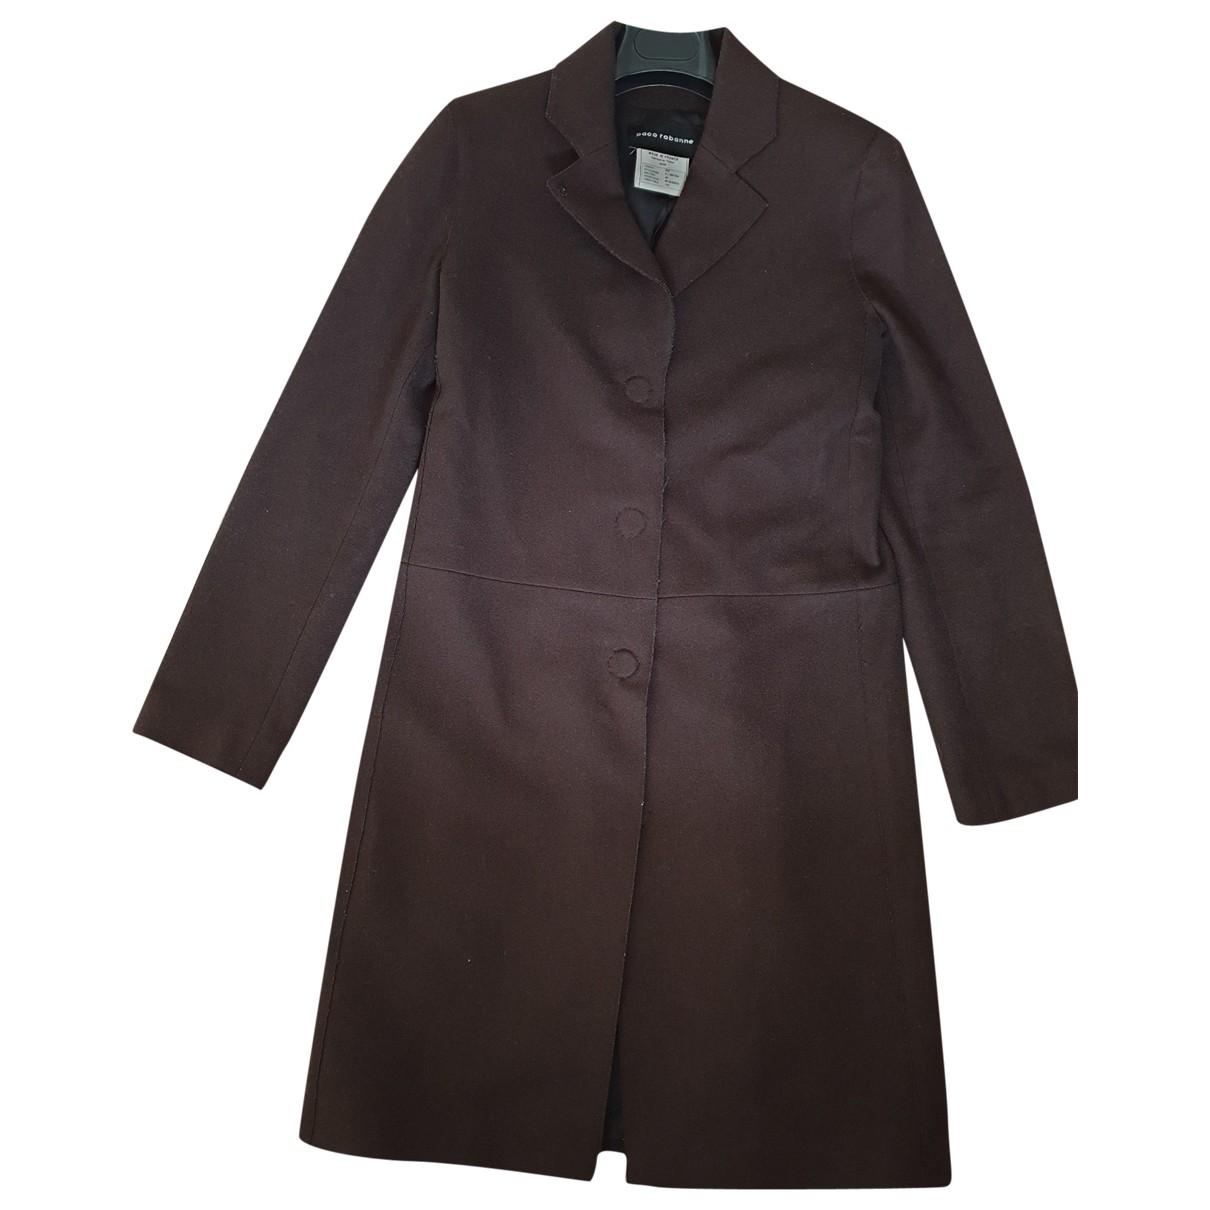 Paco Rabanne - Manteau   pour femme en laine - marron